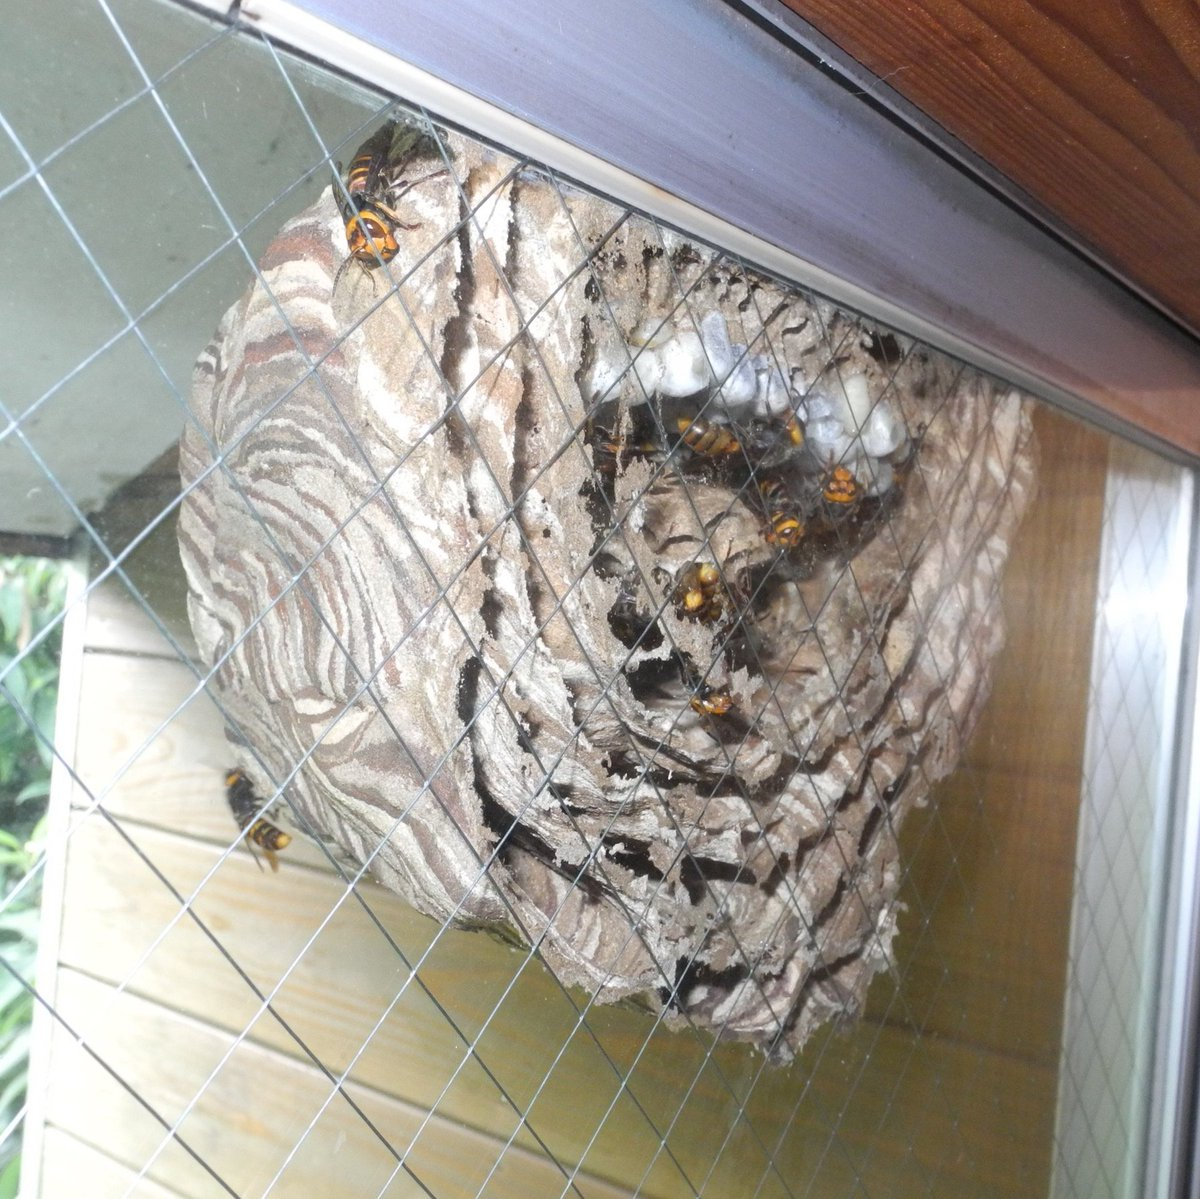 【虫注意!】スズメバチが窓に巣を作ってヤバイw巣の中丸見えなドキドキ感www